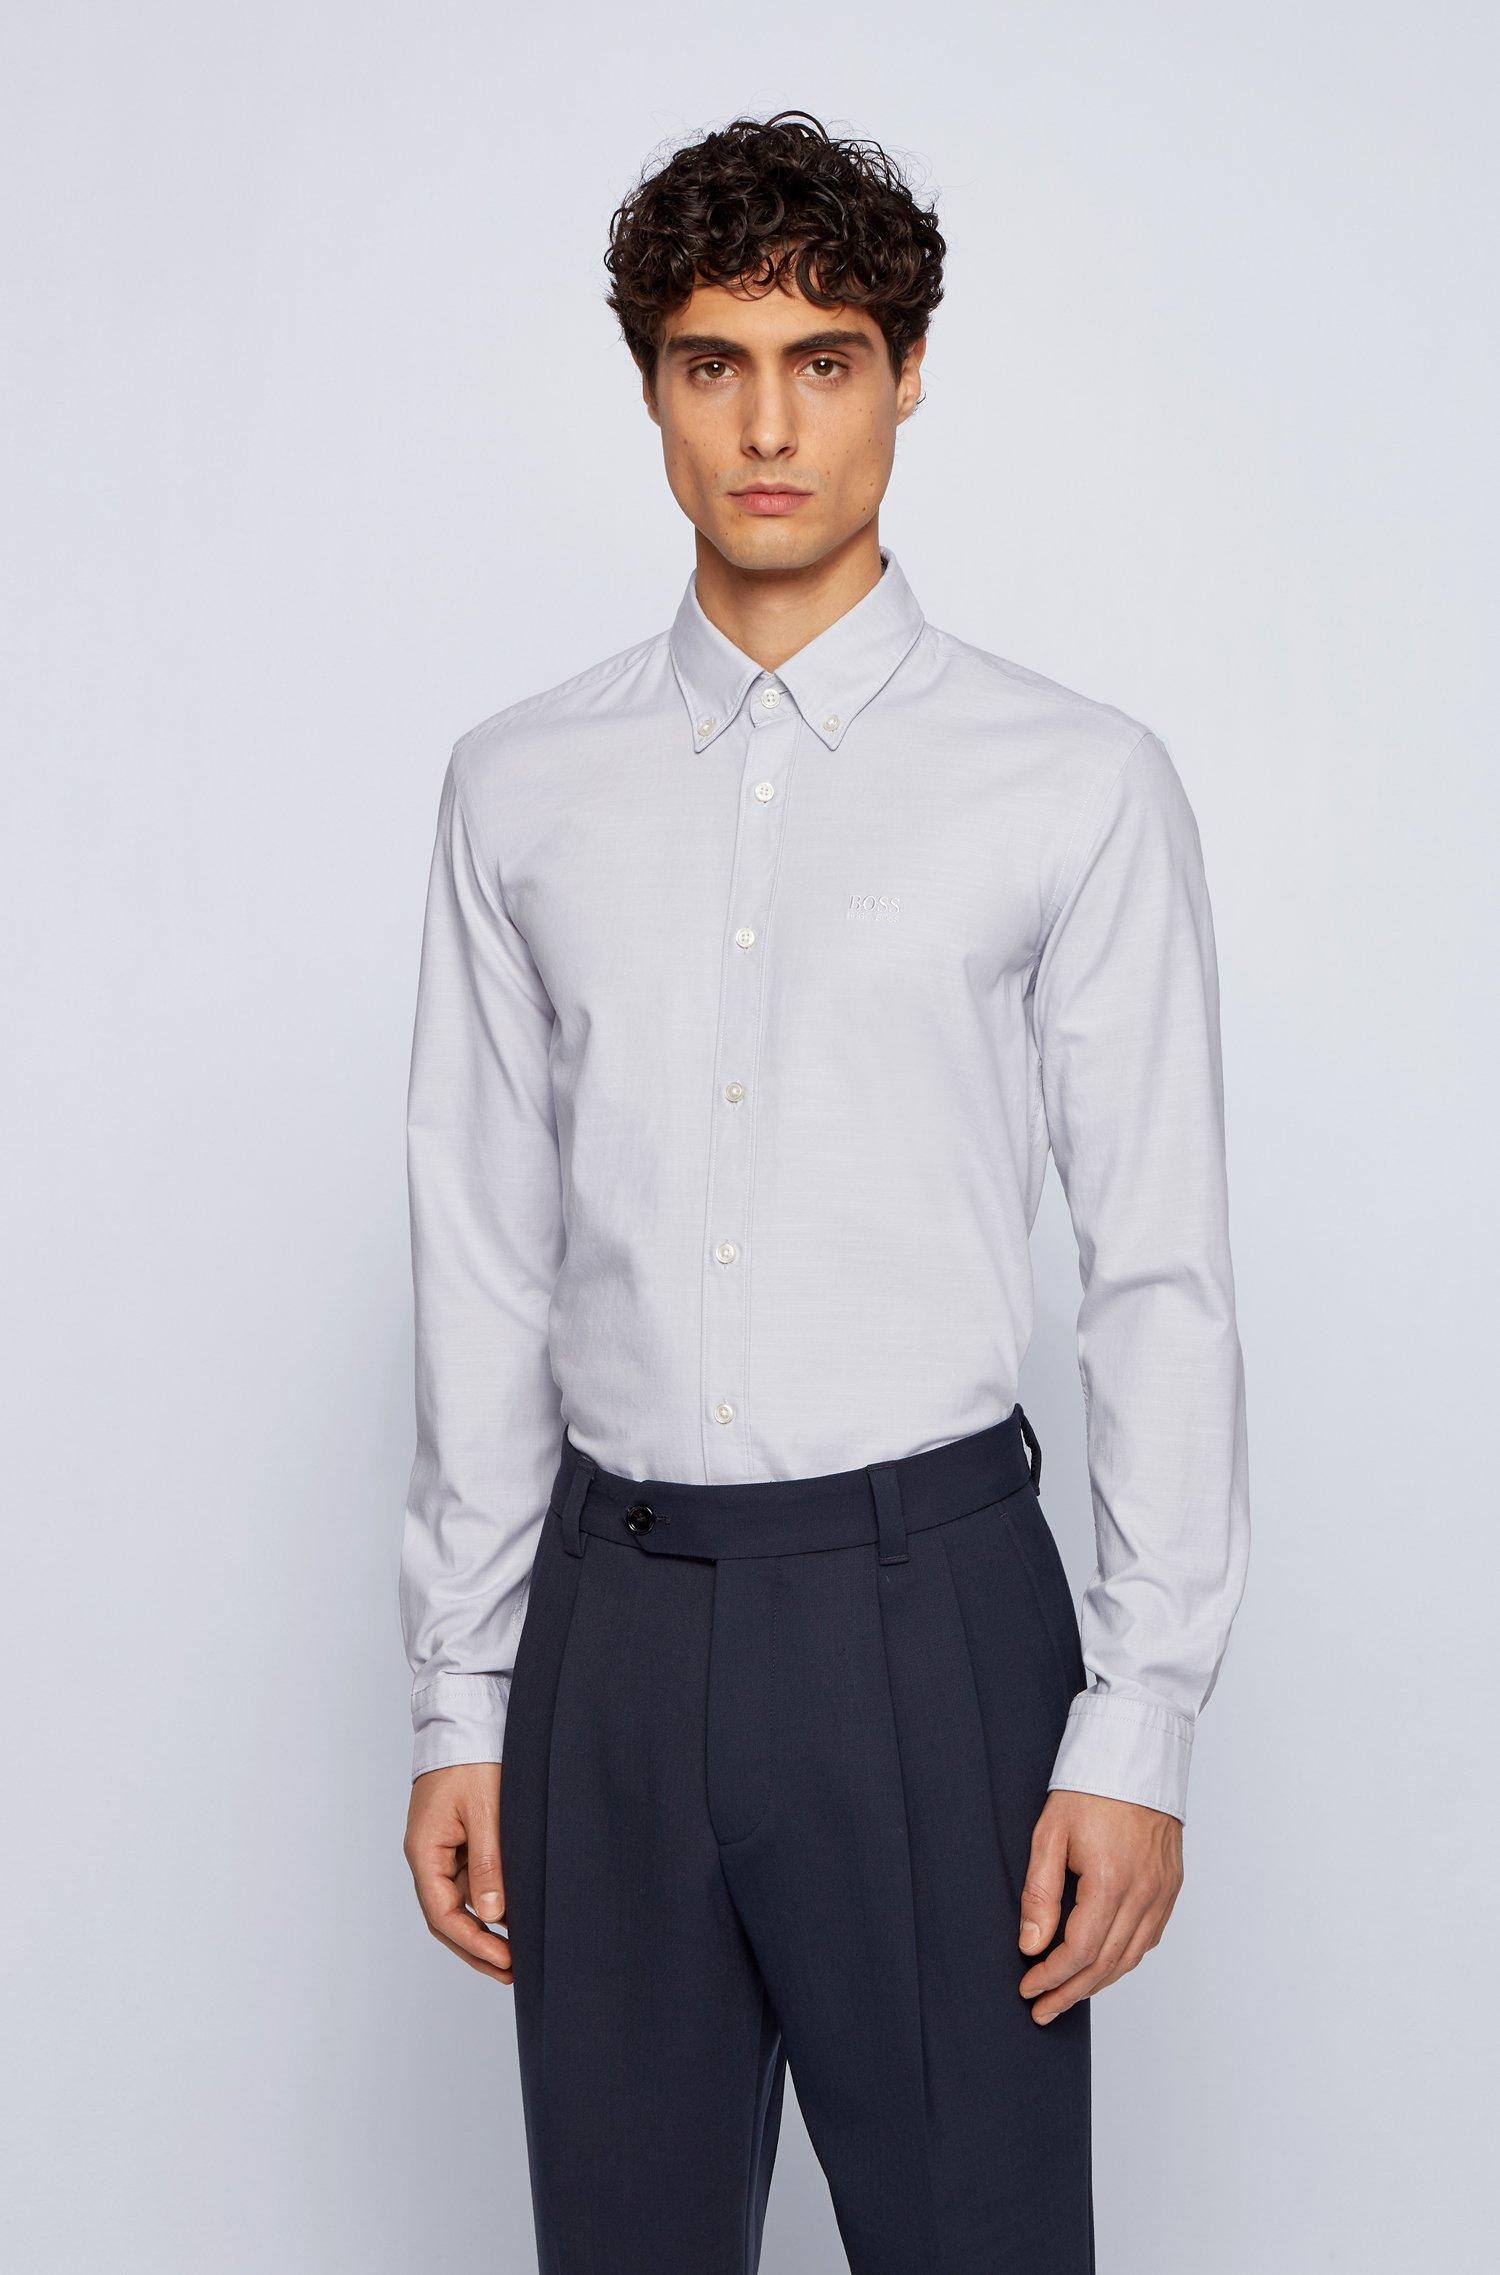 Chemise Slim Fit en coton Oxford stretch, avec col à pointes boutonnées, Gris chiné